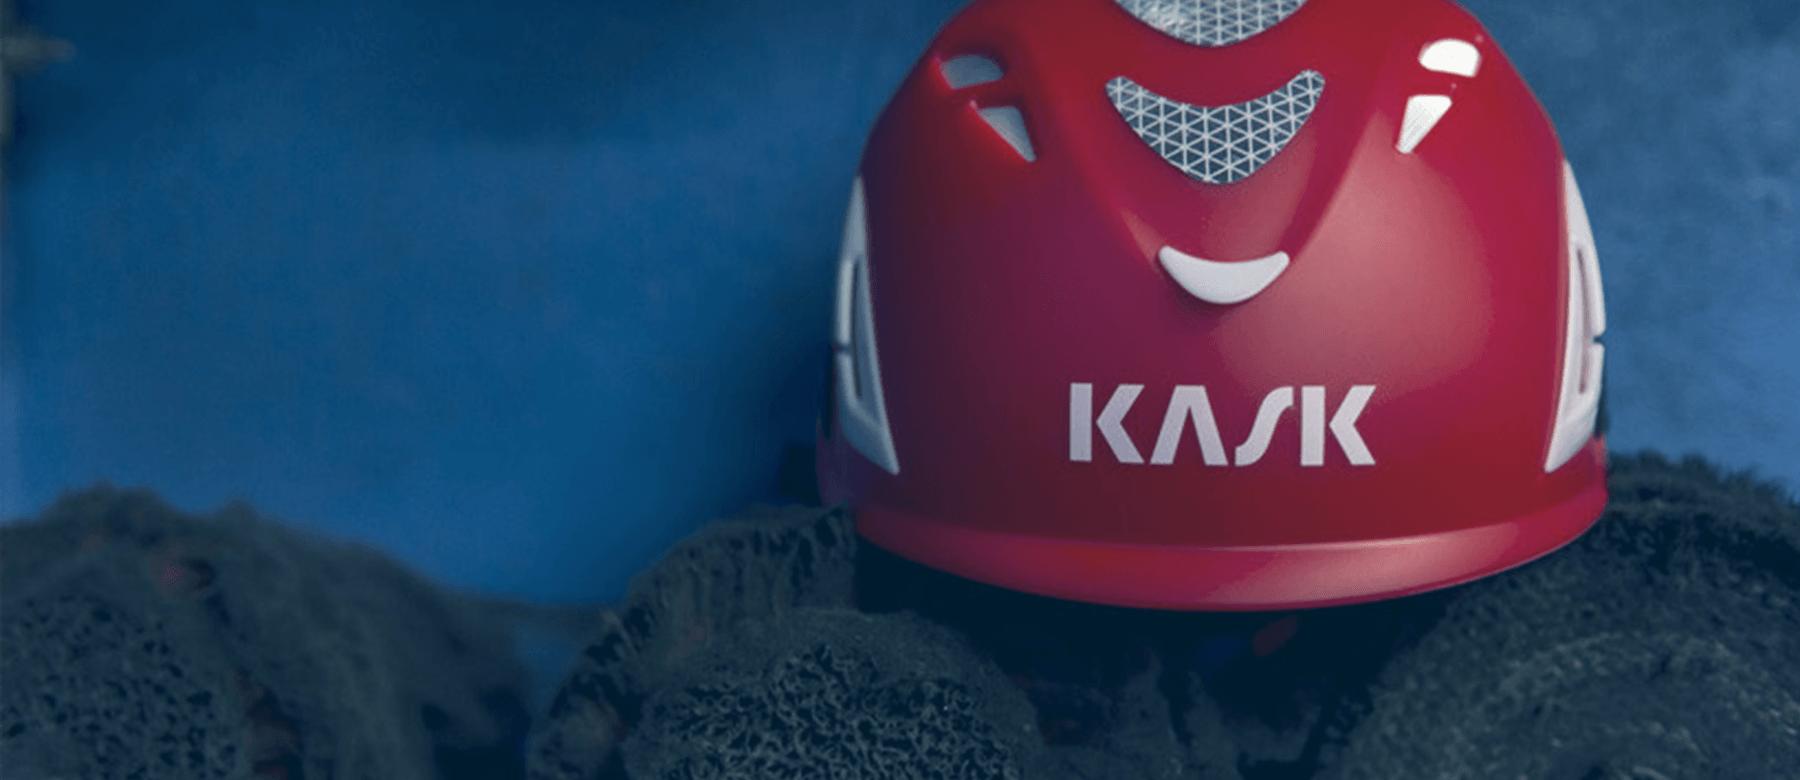 Helm-Beklebung mit Herstellergarantie